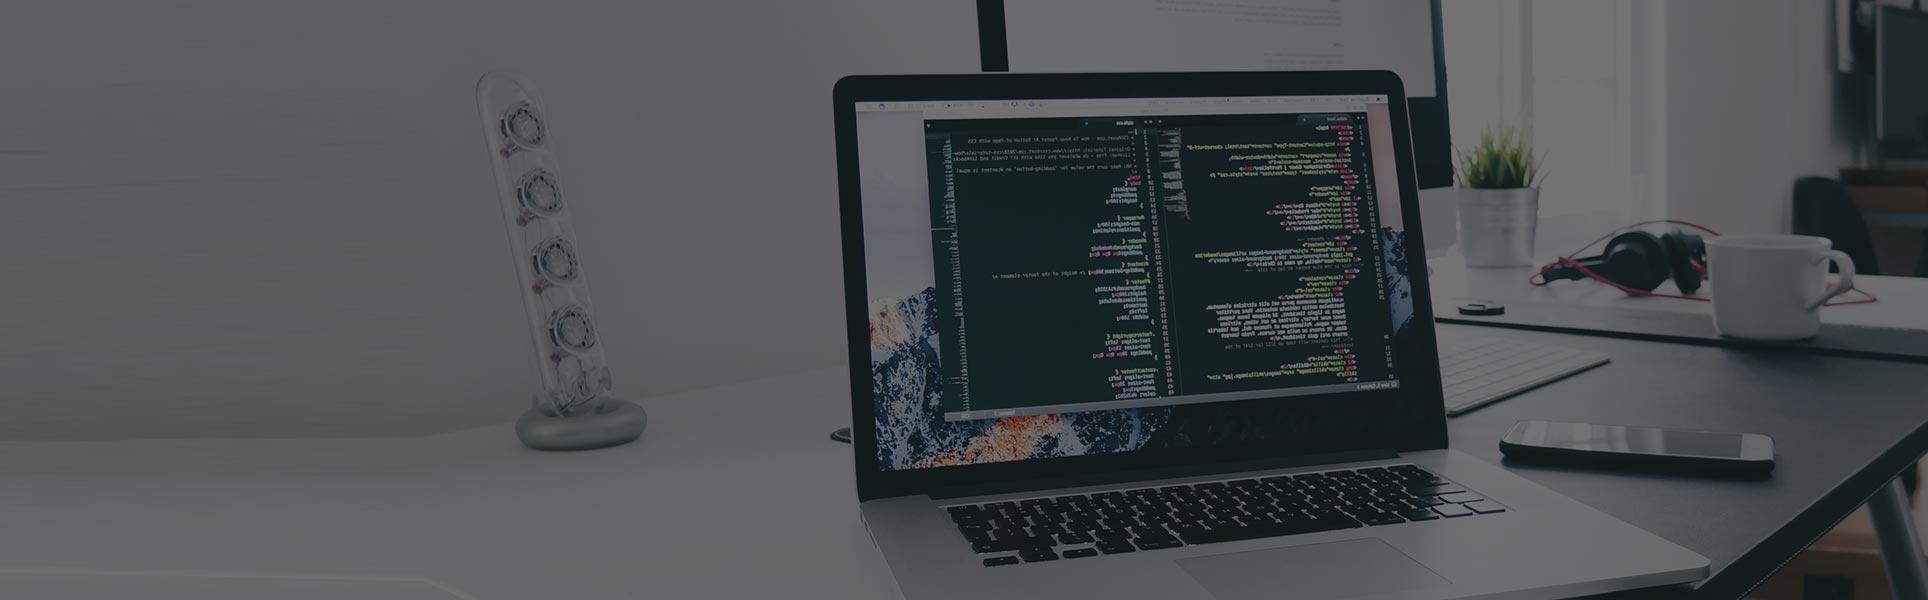 デスクトップソフトウェア開発サービス